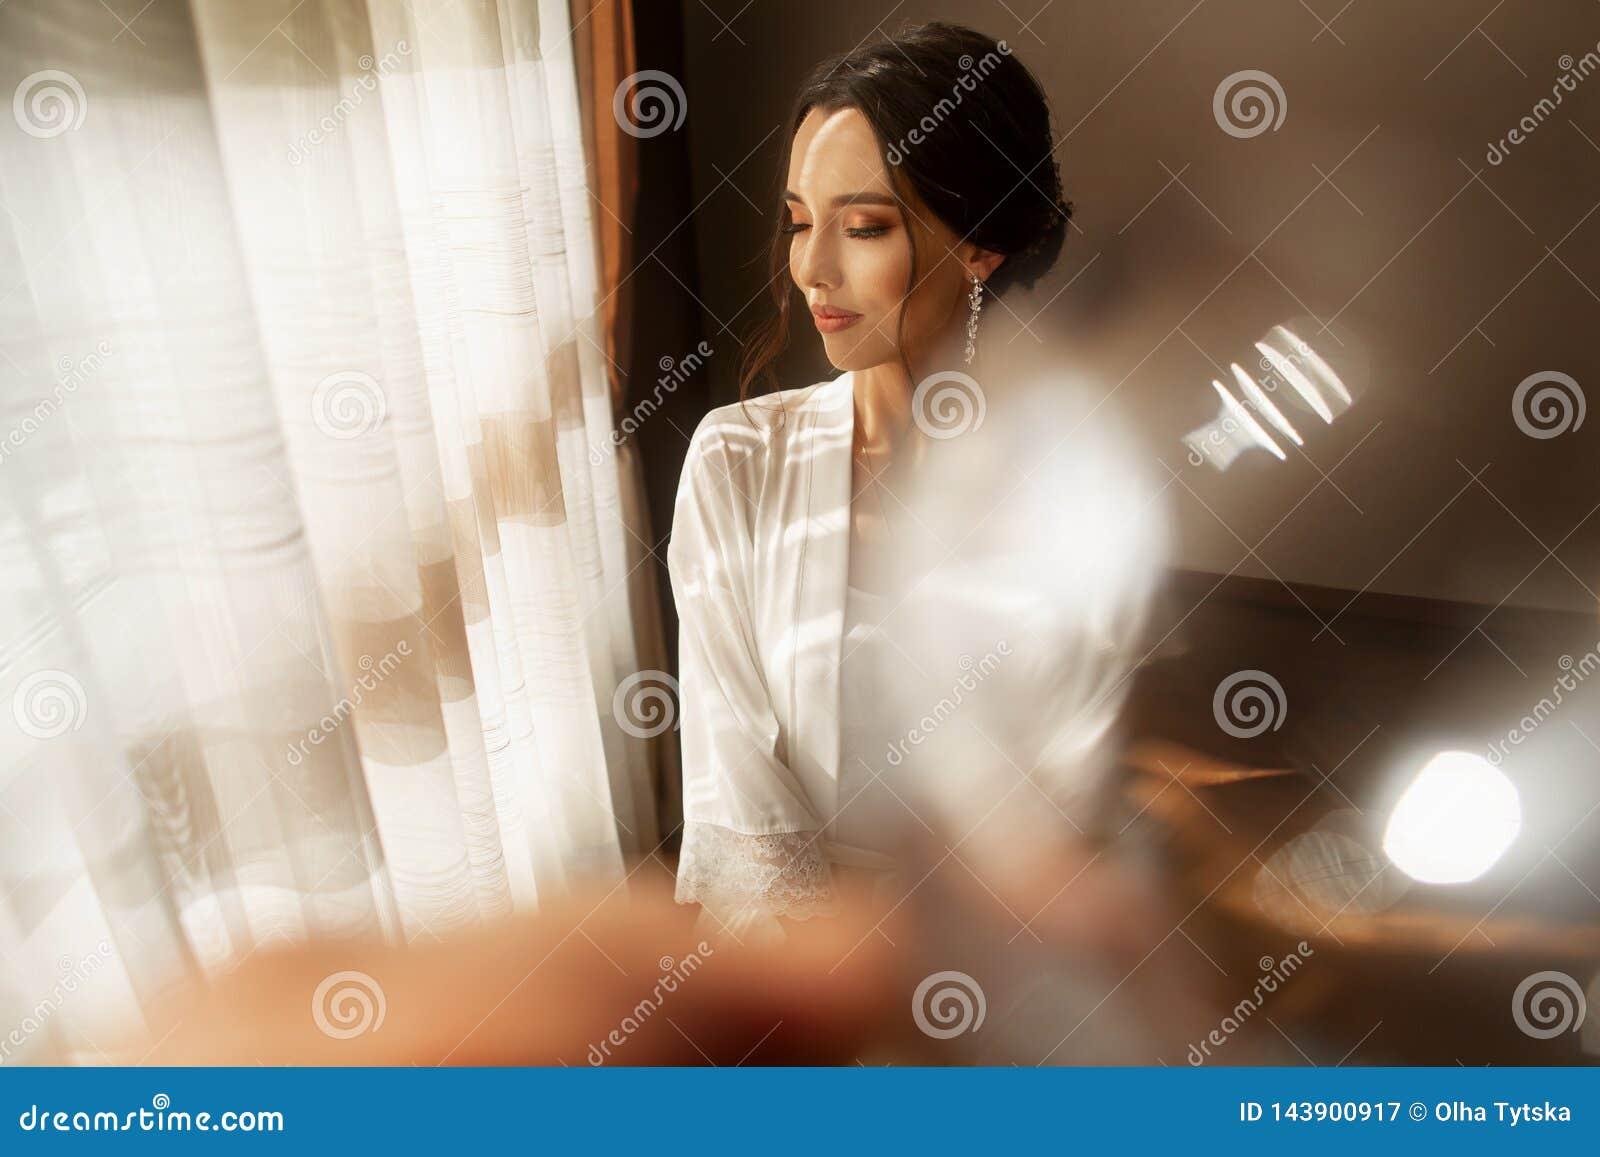 Panna młoda w pięknym smokingowym obsiadaniu na krześle indoors w białym pracownianym wnętrzu lubi w domu Modny ślubu stylu strza